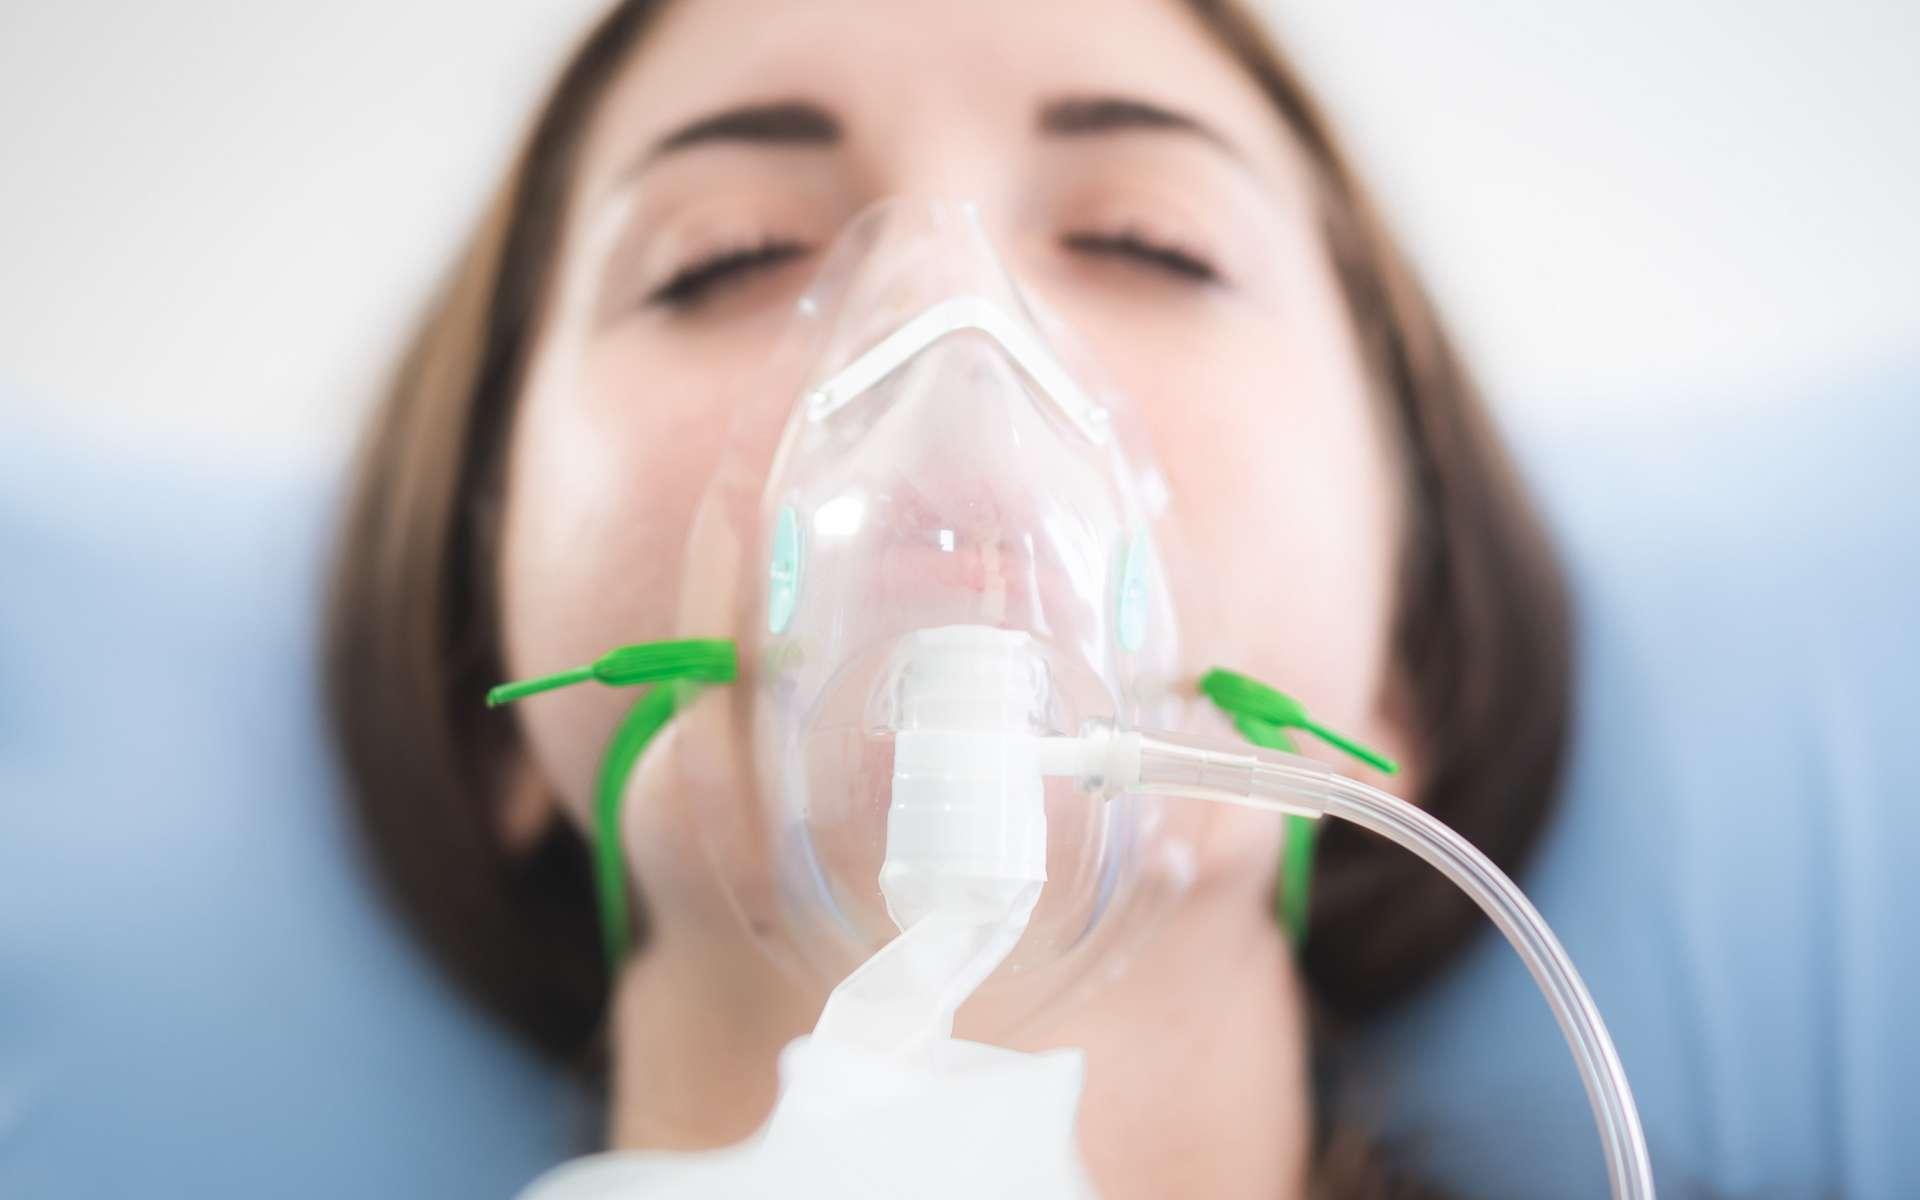 L'oxygénothérapie est un soin par apport d'oxygène. © Chokniti, Adobe Stock